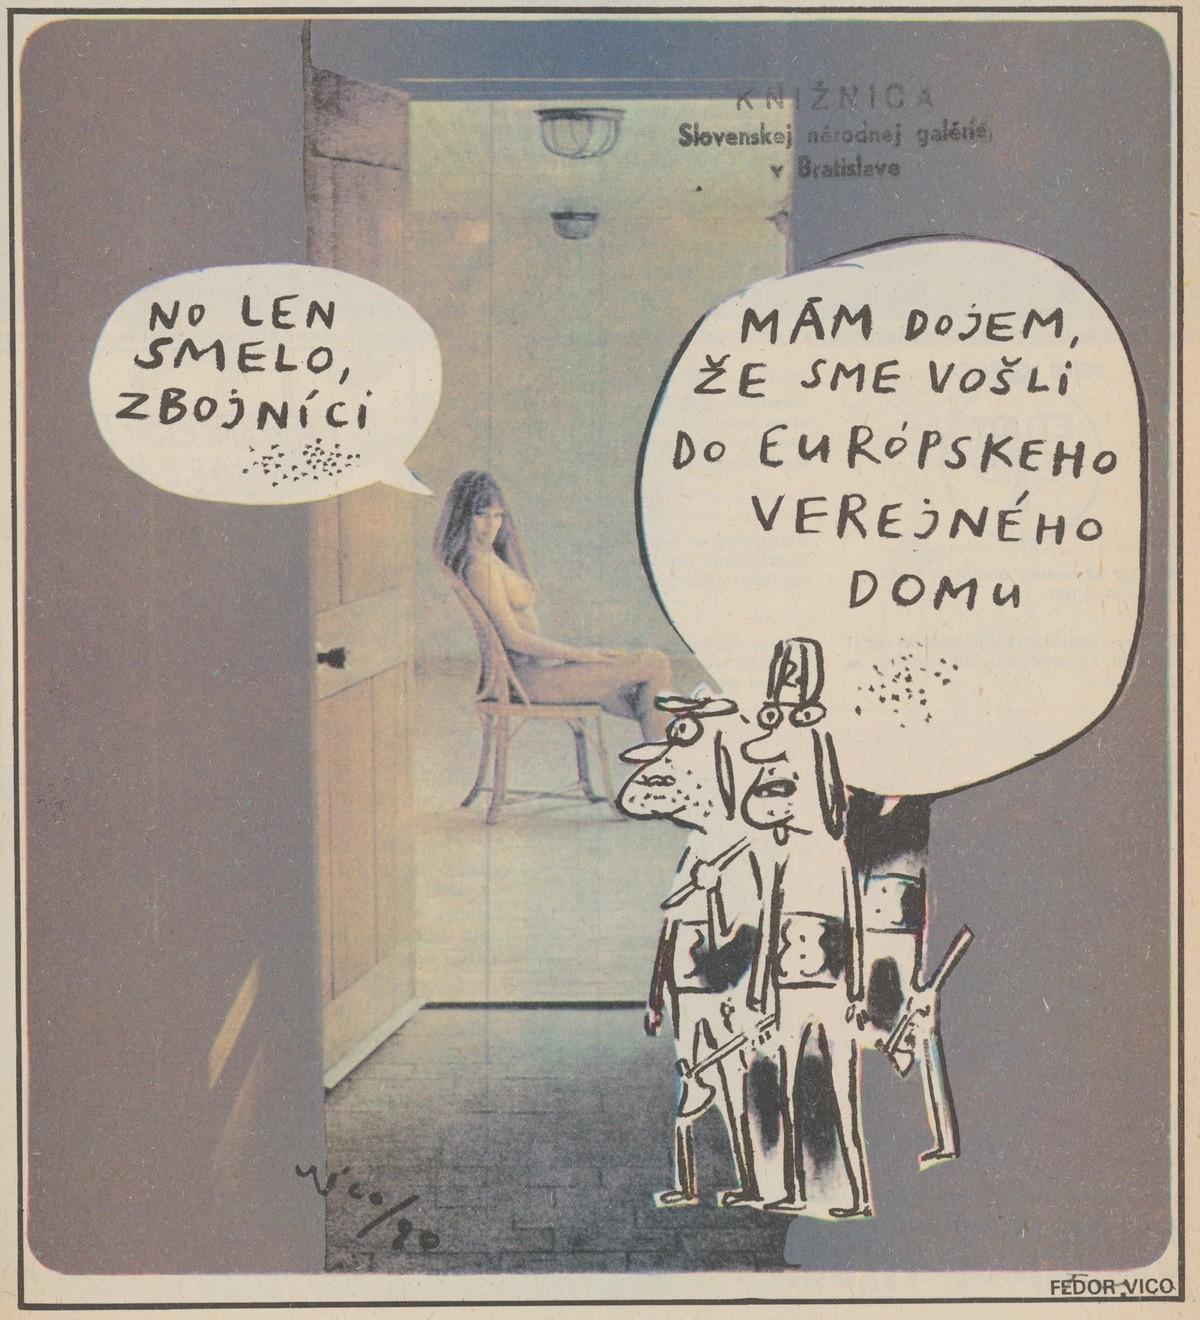 Fedor Vico, No len smelo zbojníci. 1990. Časopis Roháč